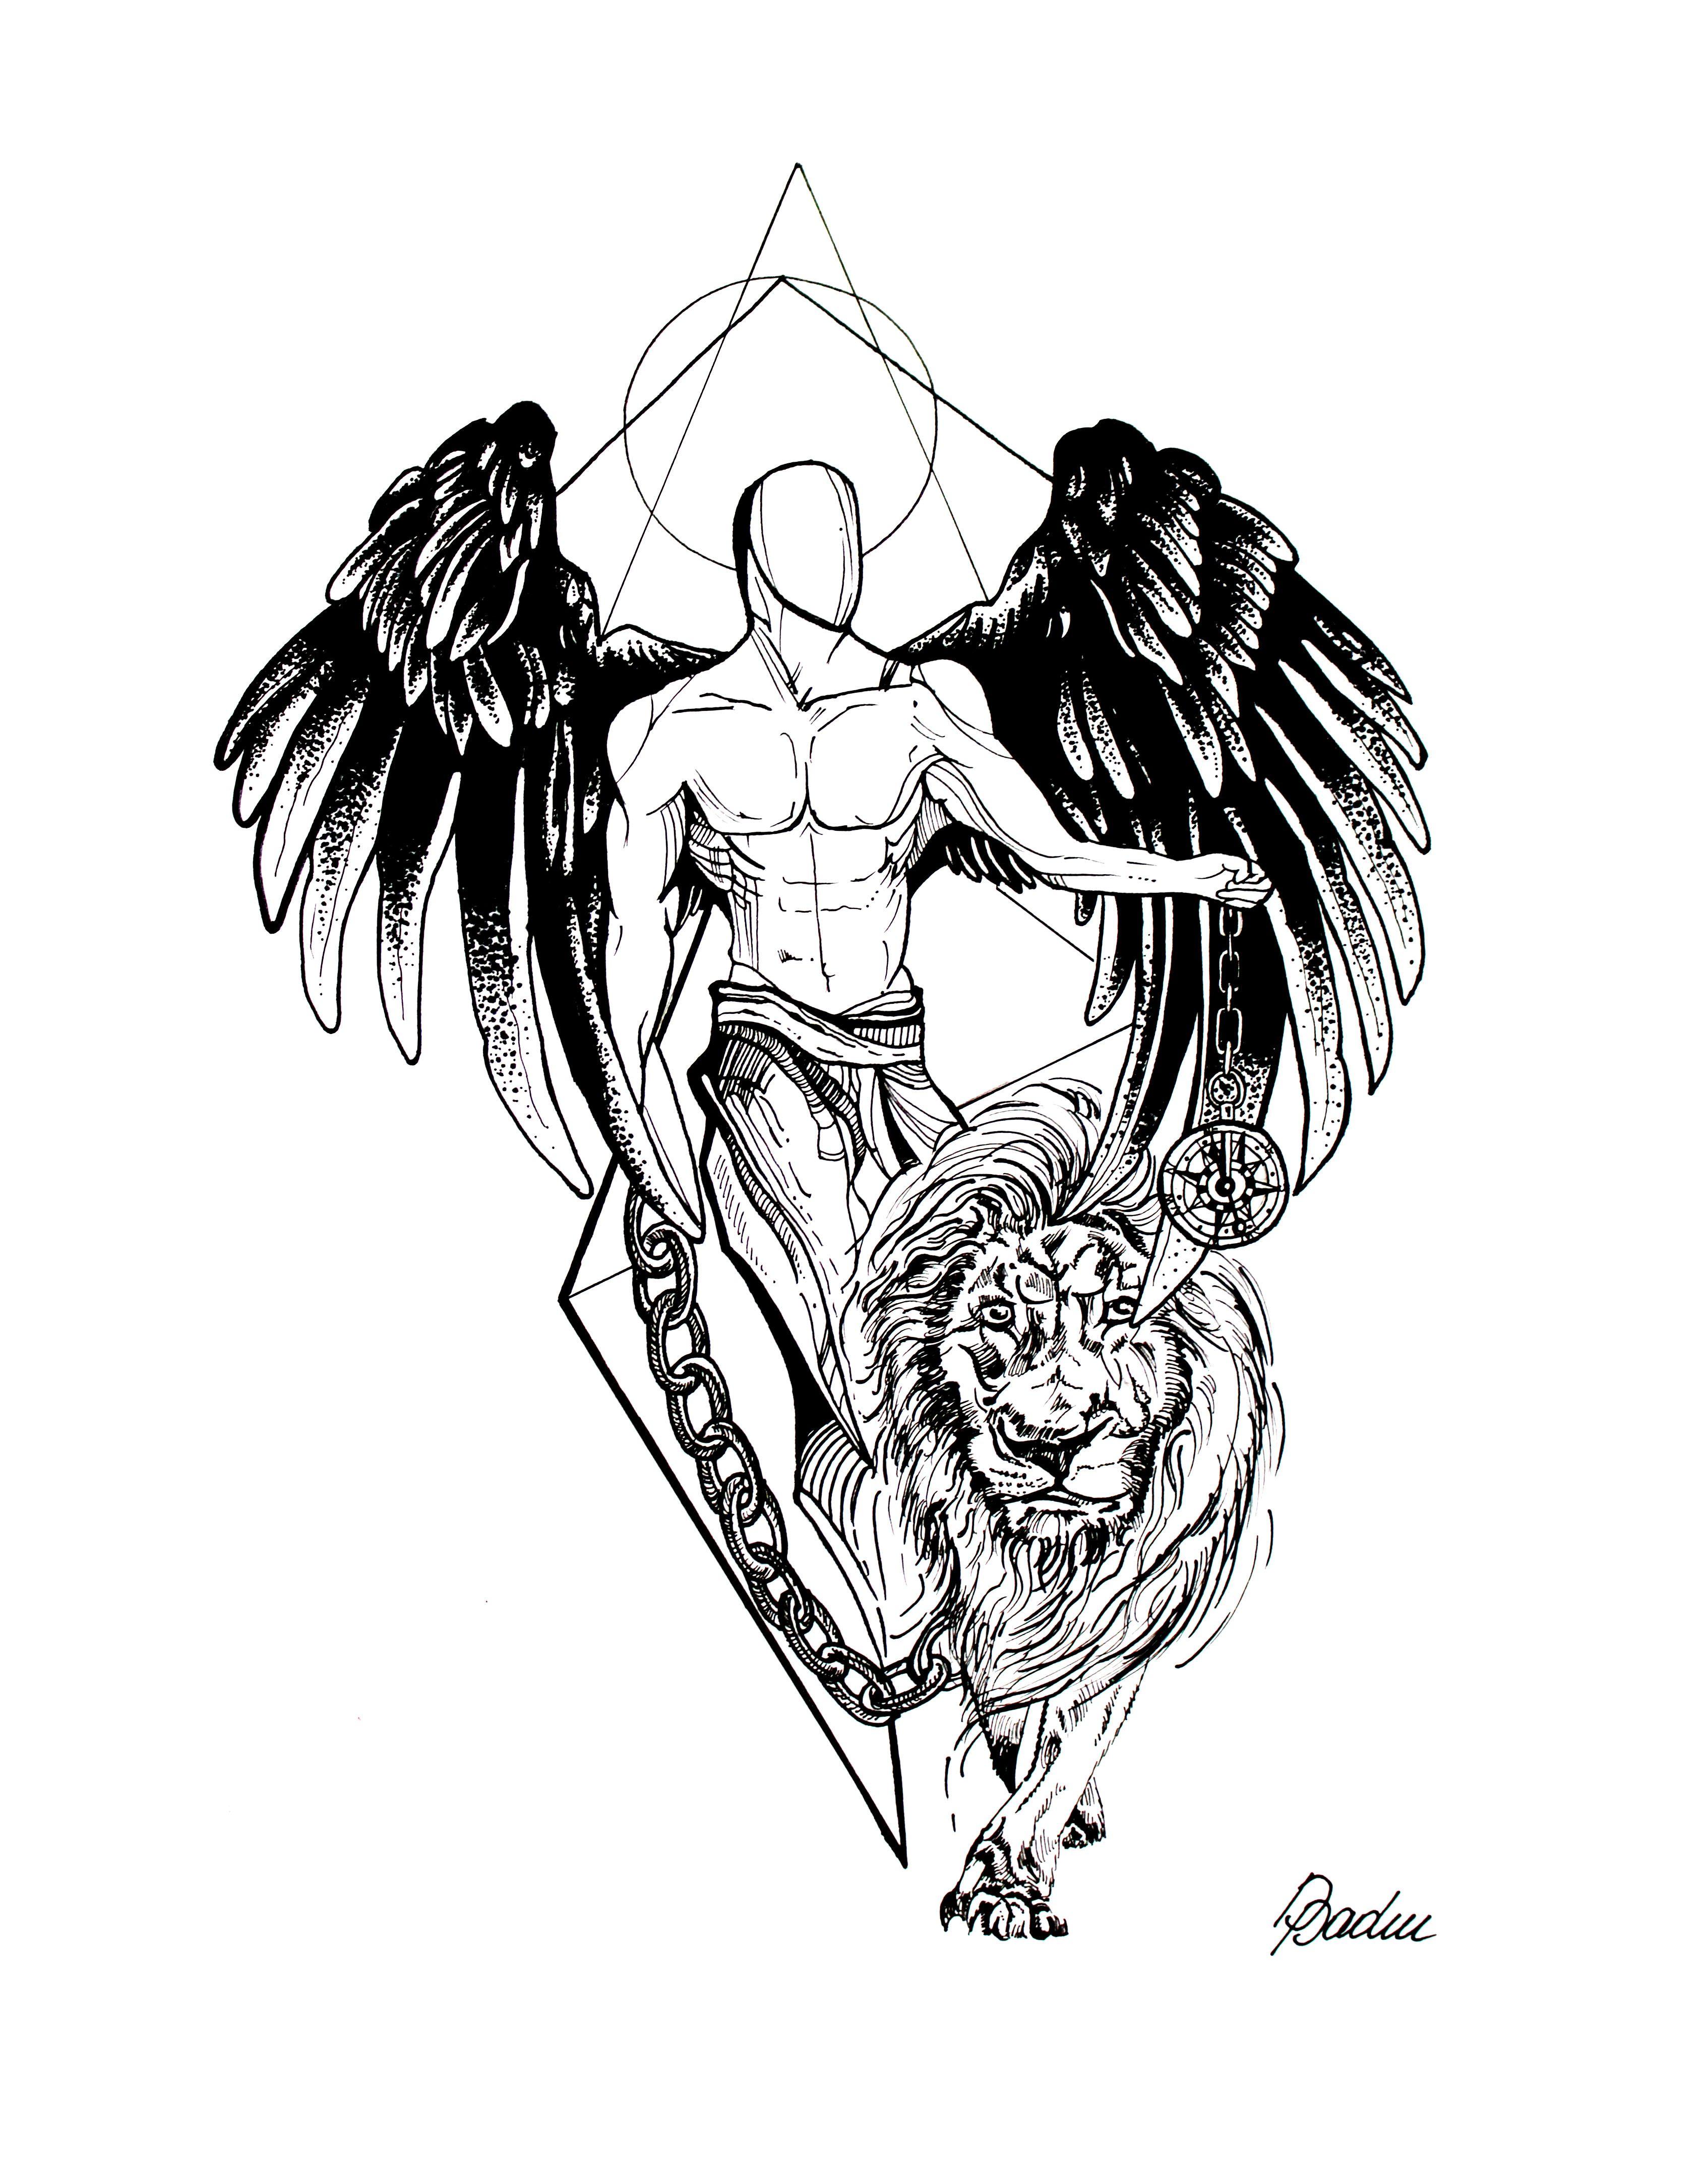 tattoo ideas /tattoo design / tattoo arm / tattoo for men / tattoo for women / tatoo geometric / tat